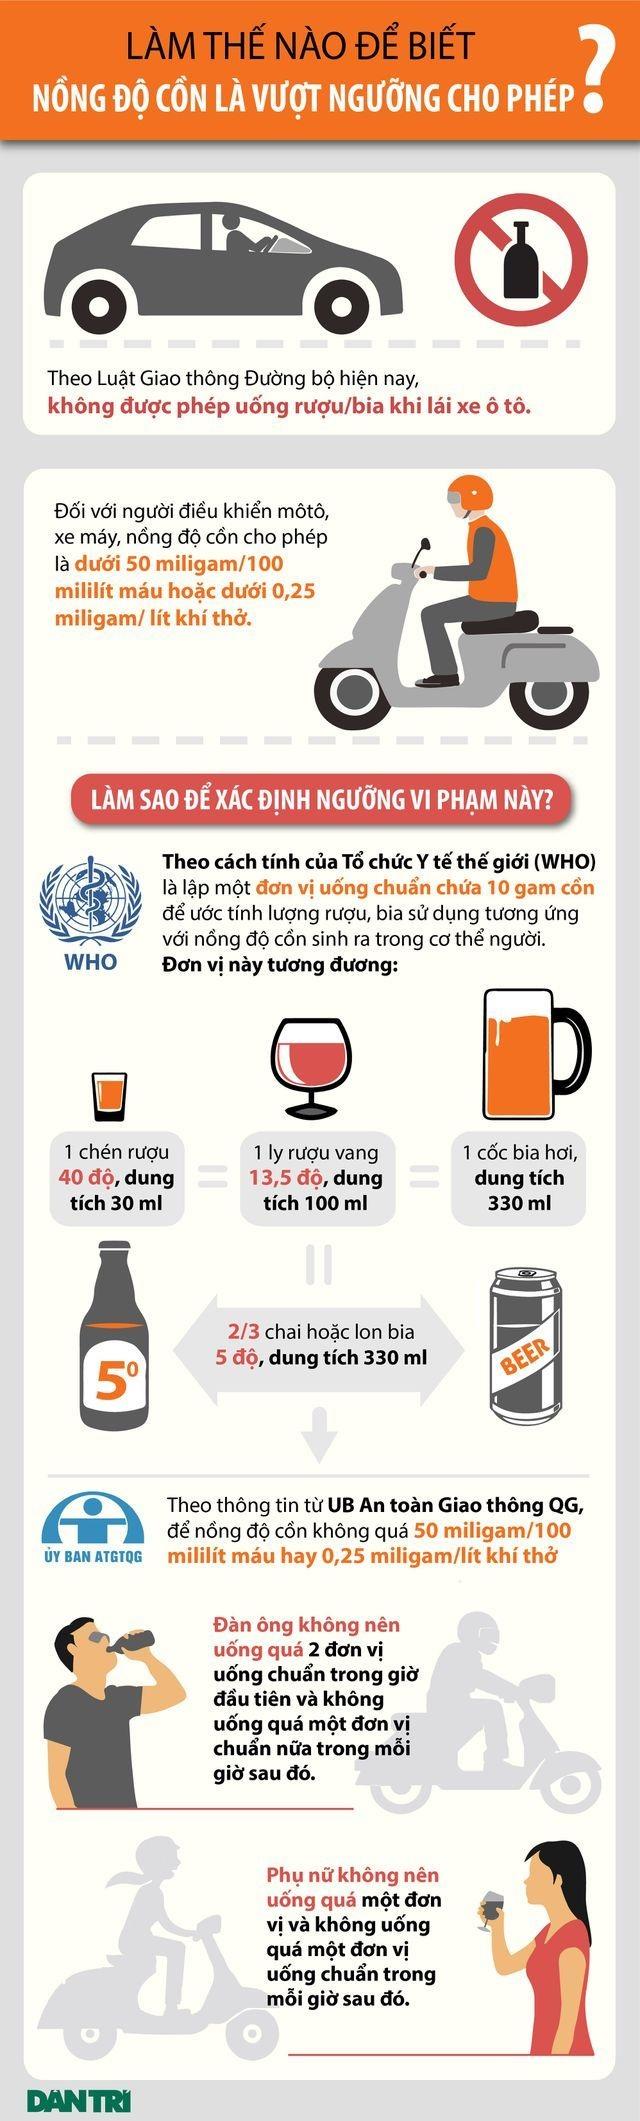 Uống bao nhiêu bia/rượu thì máy thử nồng độ cồn chào thua? - 1